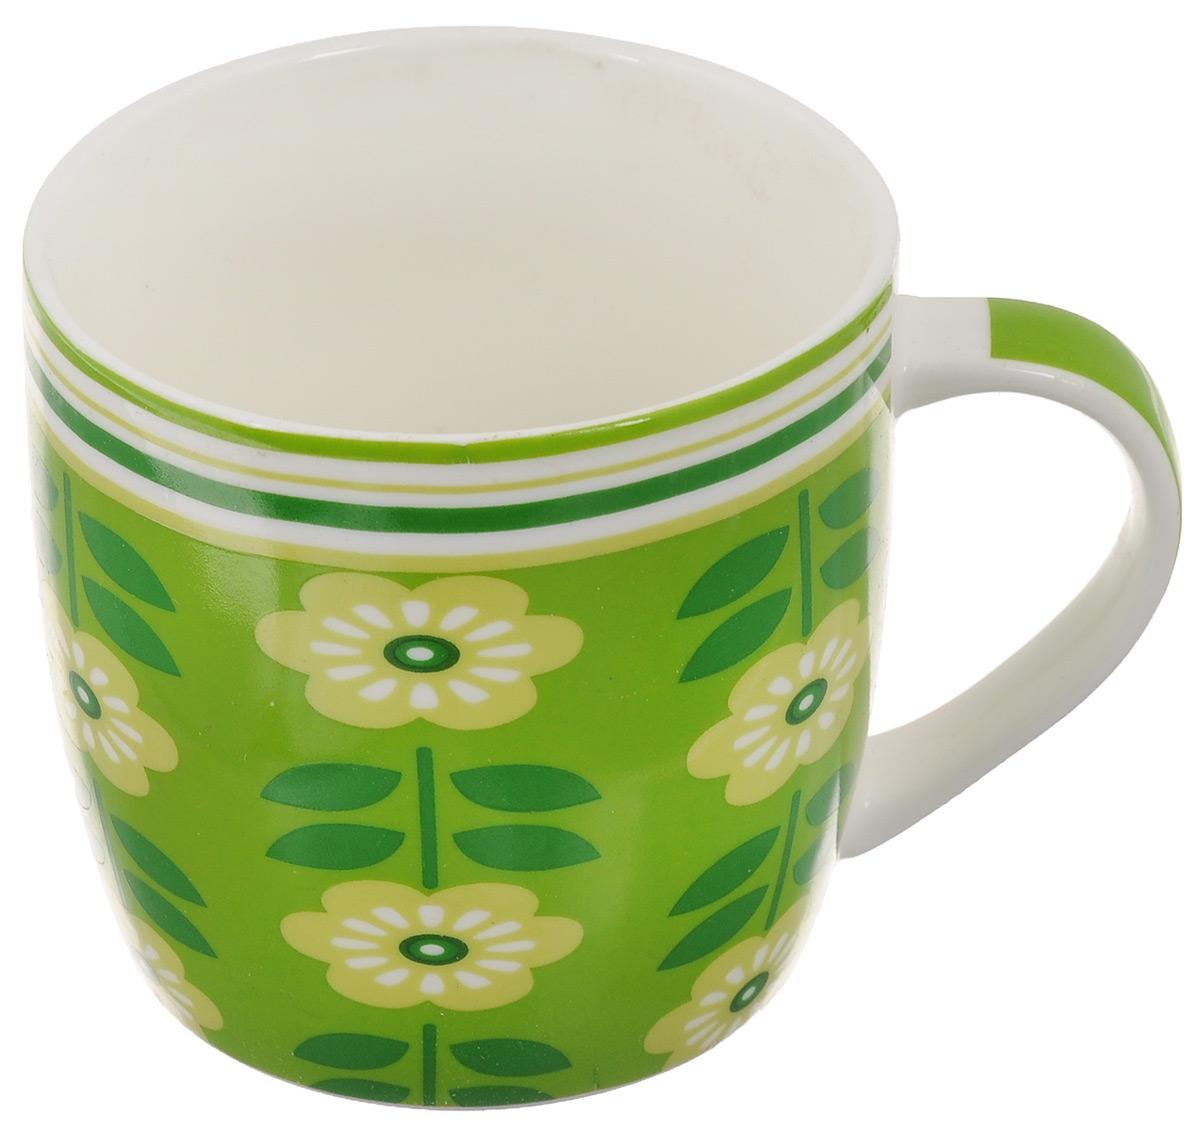 Кружка Loraine Цветы, цвет: зеленый, салатовый, белый, 320 мл24474Оригинальная кружка Loraine Цветы выполнена из костяного фарфора и оформлена красочным изображением. Она станет отличным дополнением к сервировке семейного стола и замечательным подарком для ваших родных и друзей. Диаметр кружки (по верхнему краю): 8,5 см. Высота кружки: 8,4 см.